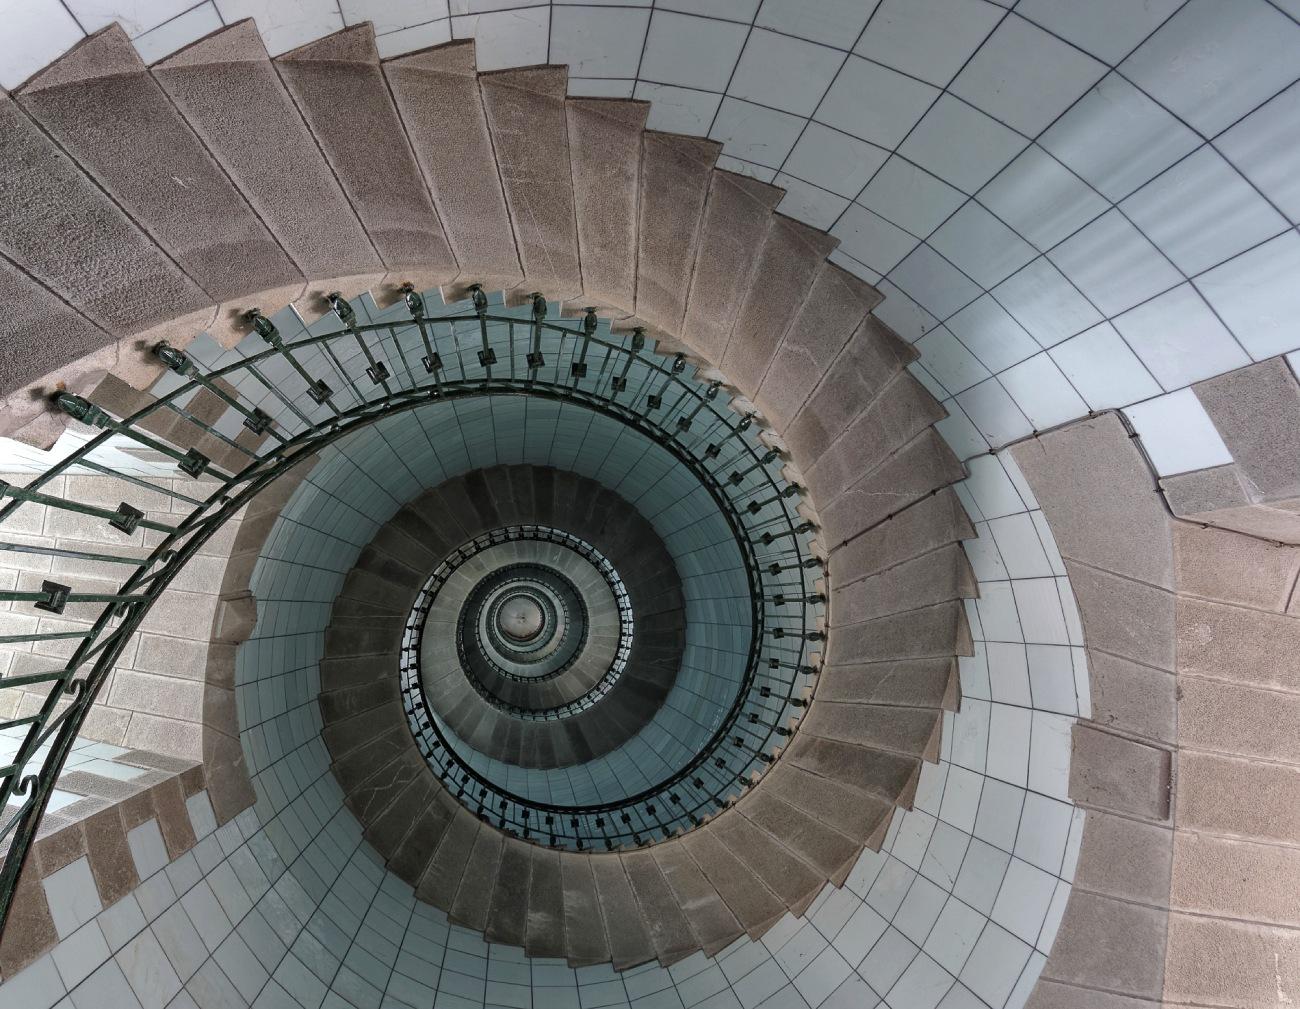 montée d'escaliers du phare de l'ile Vierge, plus haut phare d'Europe, Lilia, Finistère, Bretagne,  escaliers phare de l'île Vierge